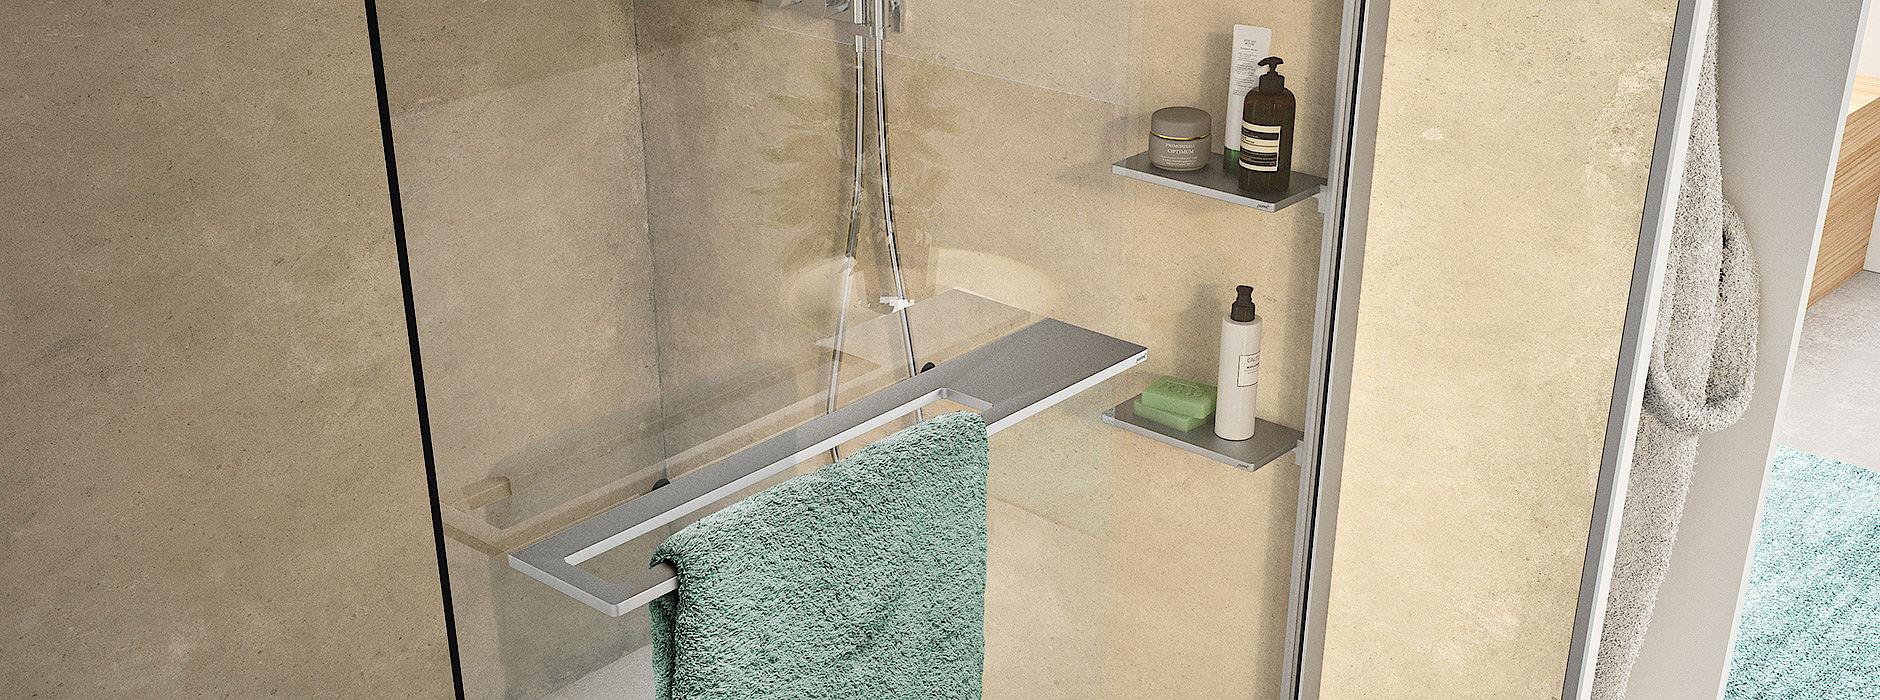 Full Size of Hüppe Duschen Hppe Frankreich Sprinz Breuer Begehbare Kaufen Bodengleiche Moderne Schulte Werksverkauf Dusche Dusche Hüppe Duschen